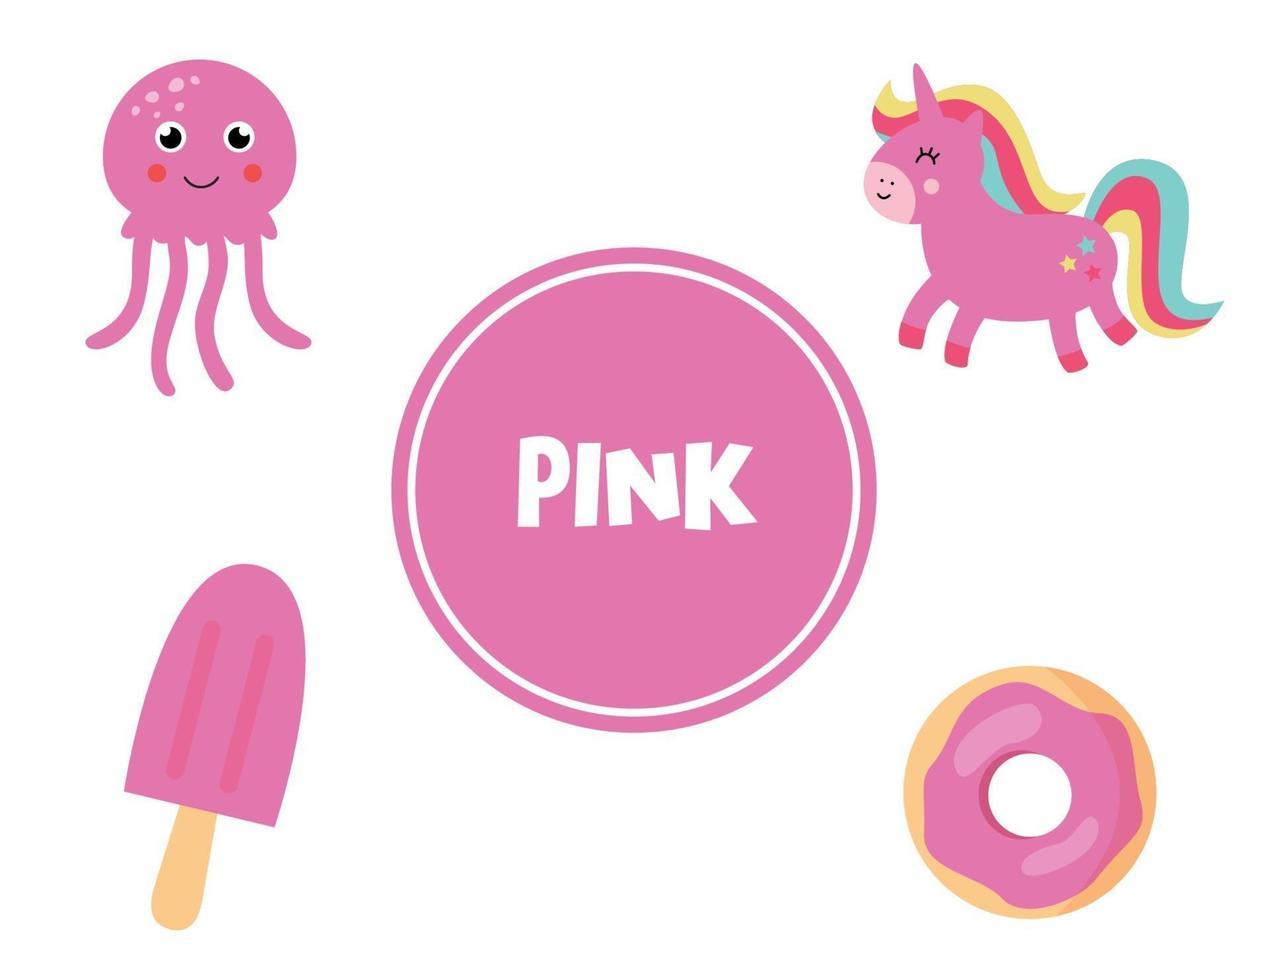 apprendre la couleur rose pour les enfants d'âge préscolaire. feuille de travail pédagogique. vecteur